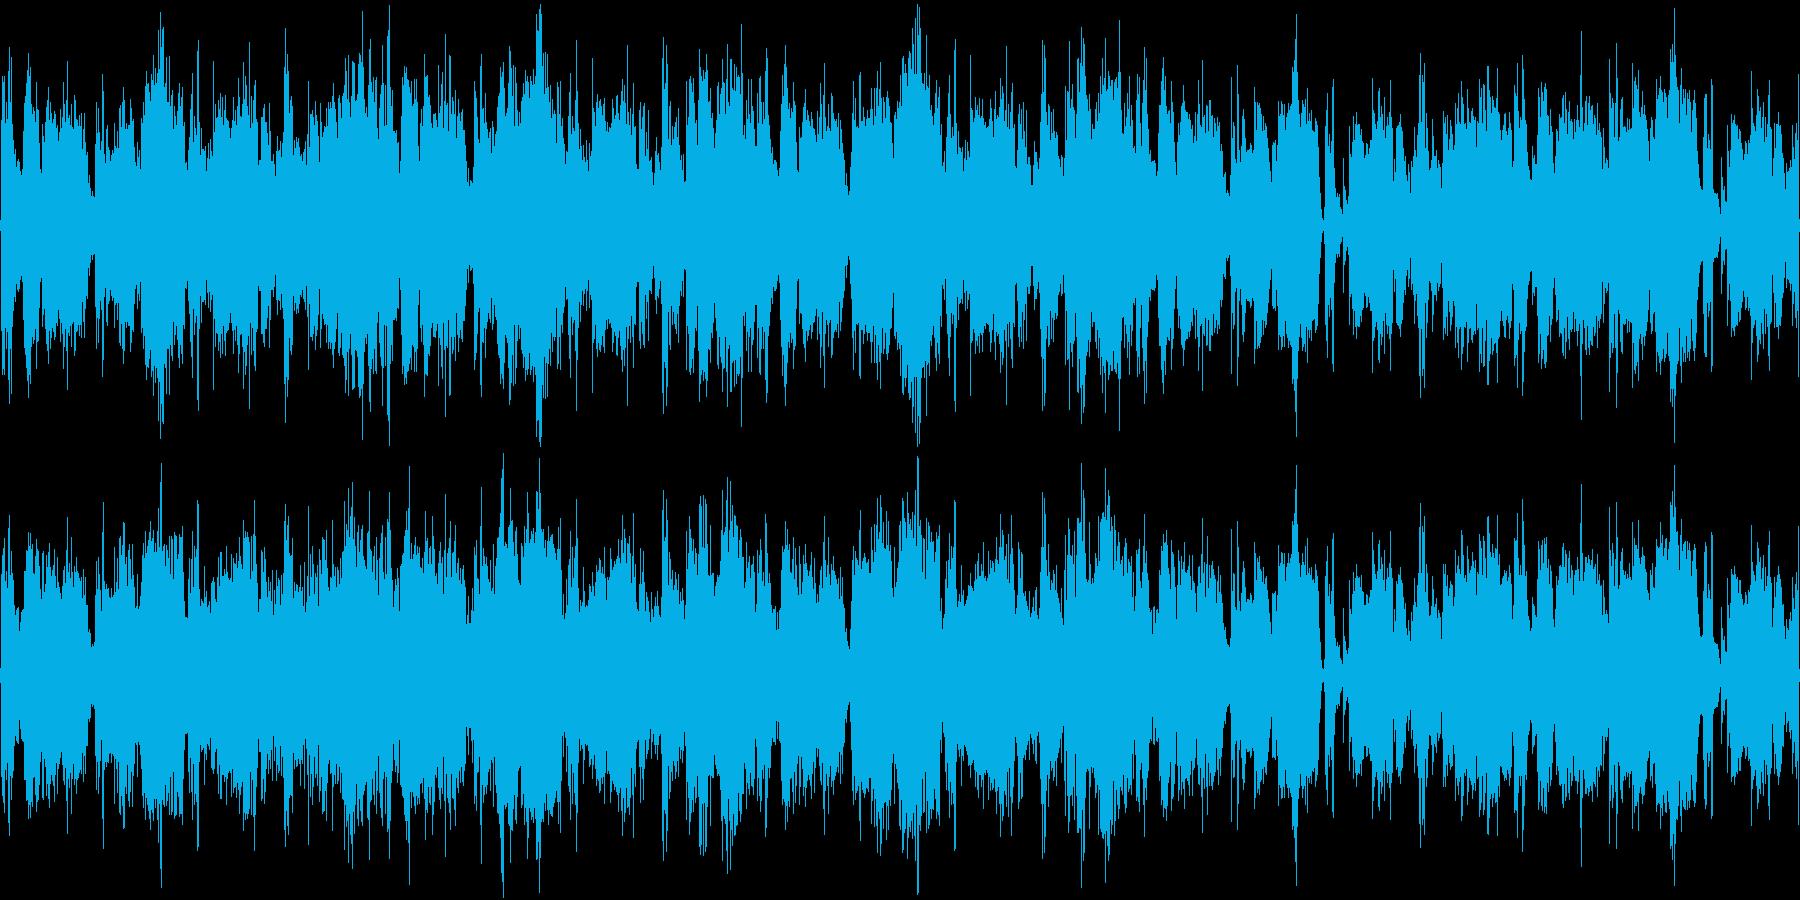 映像作品用BGMの再生済みの波形